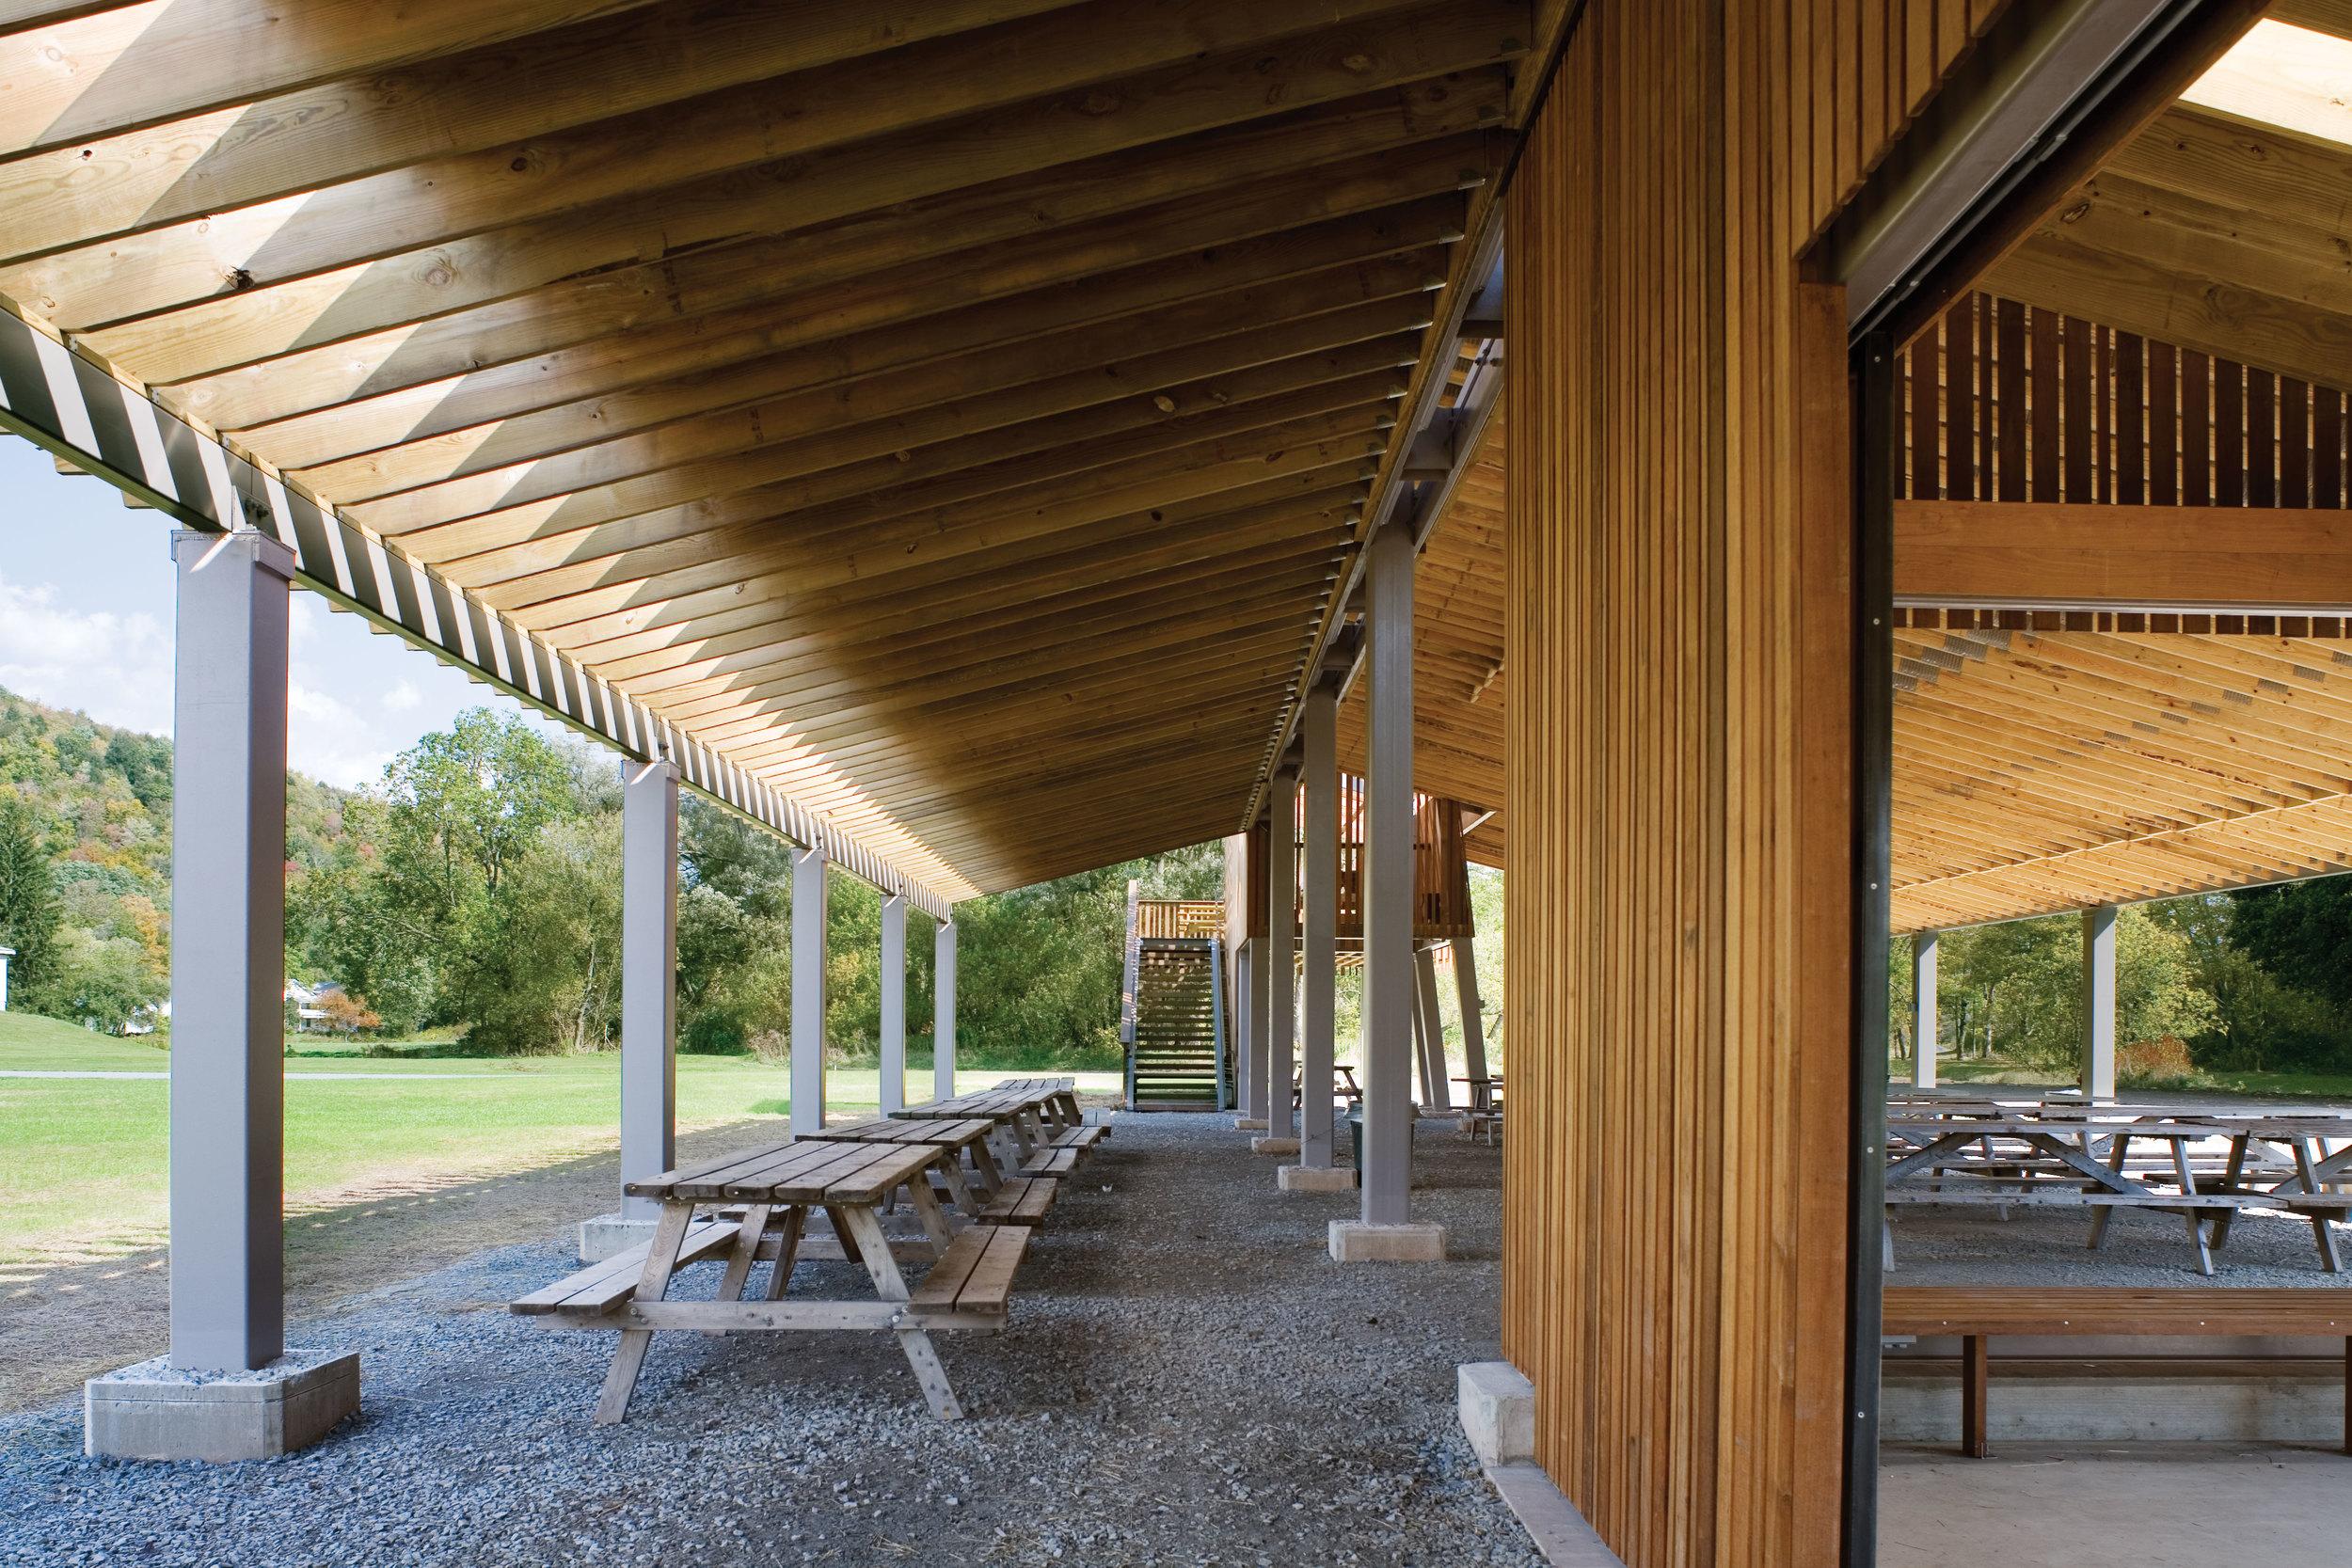 margaretville pavilion 3.jpg